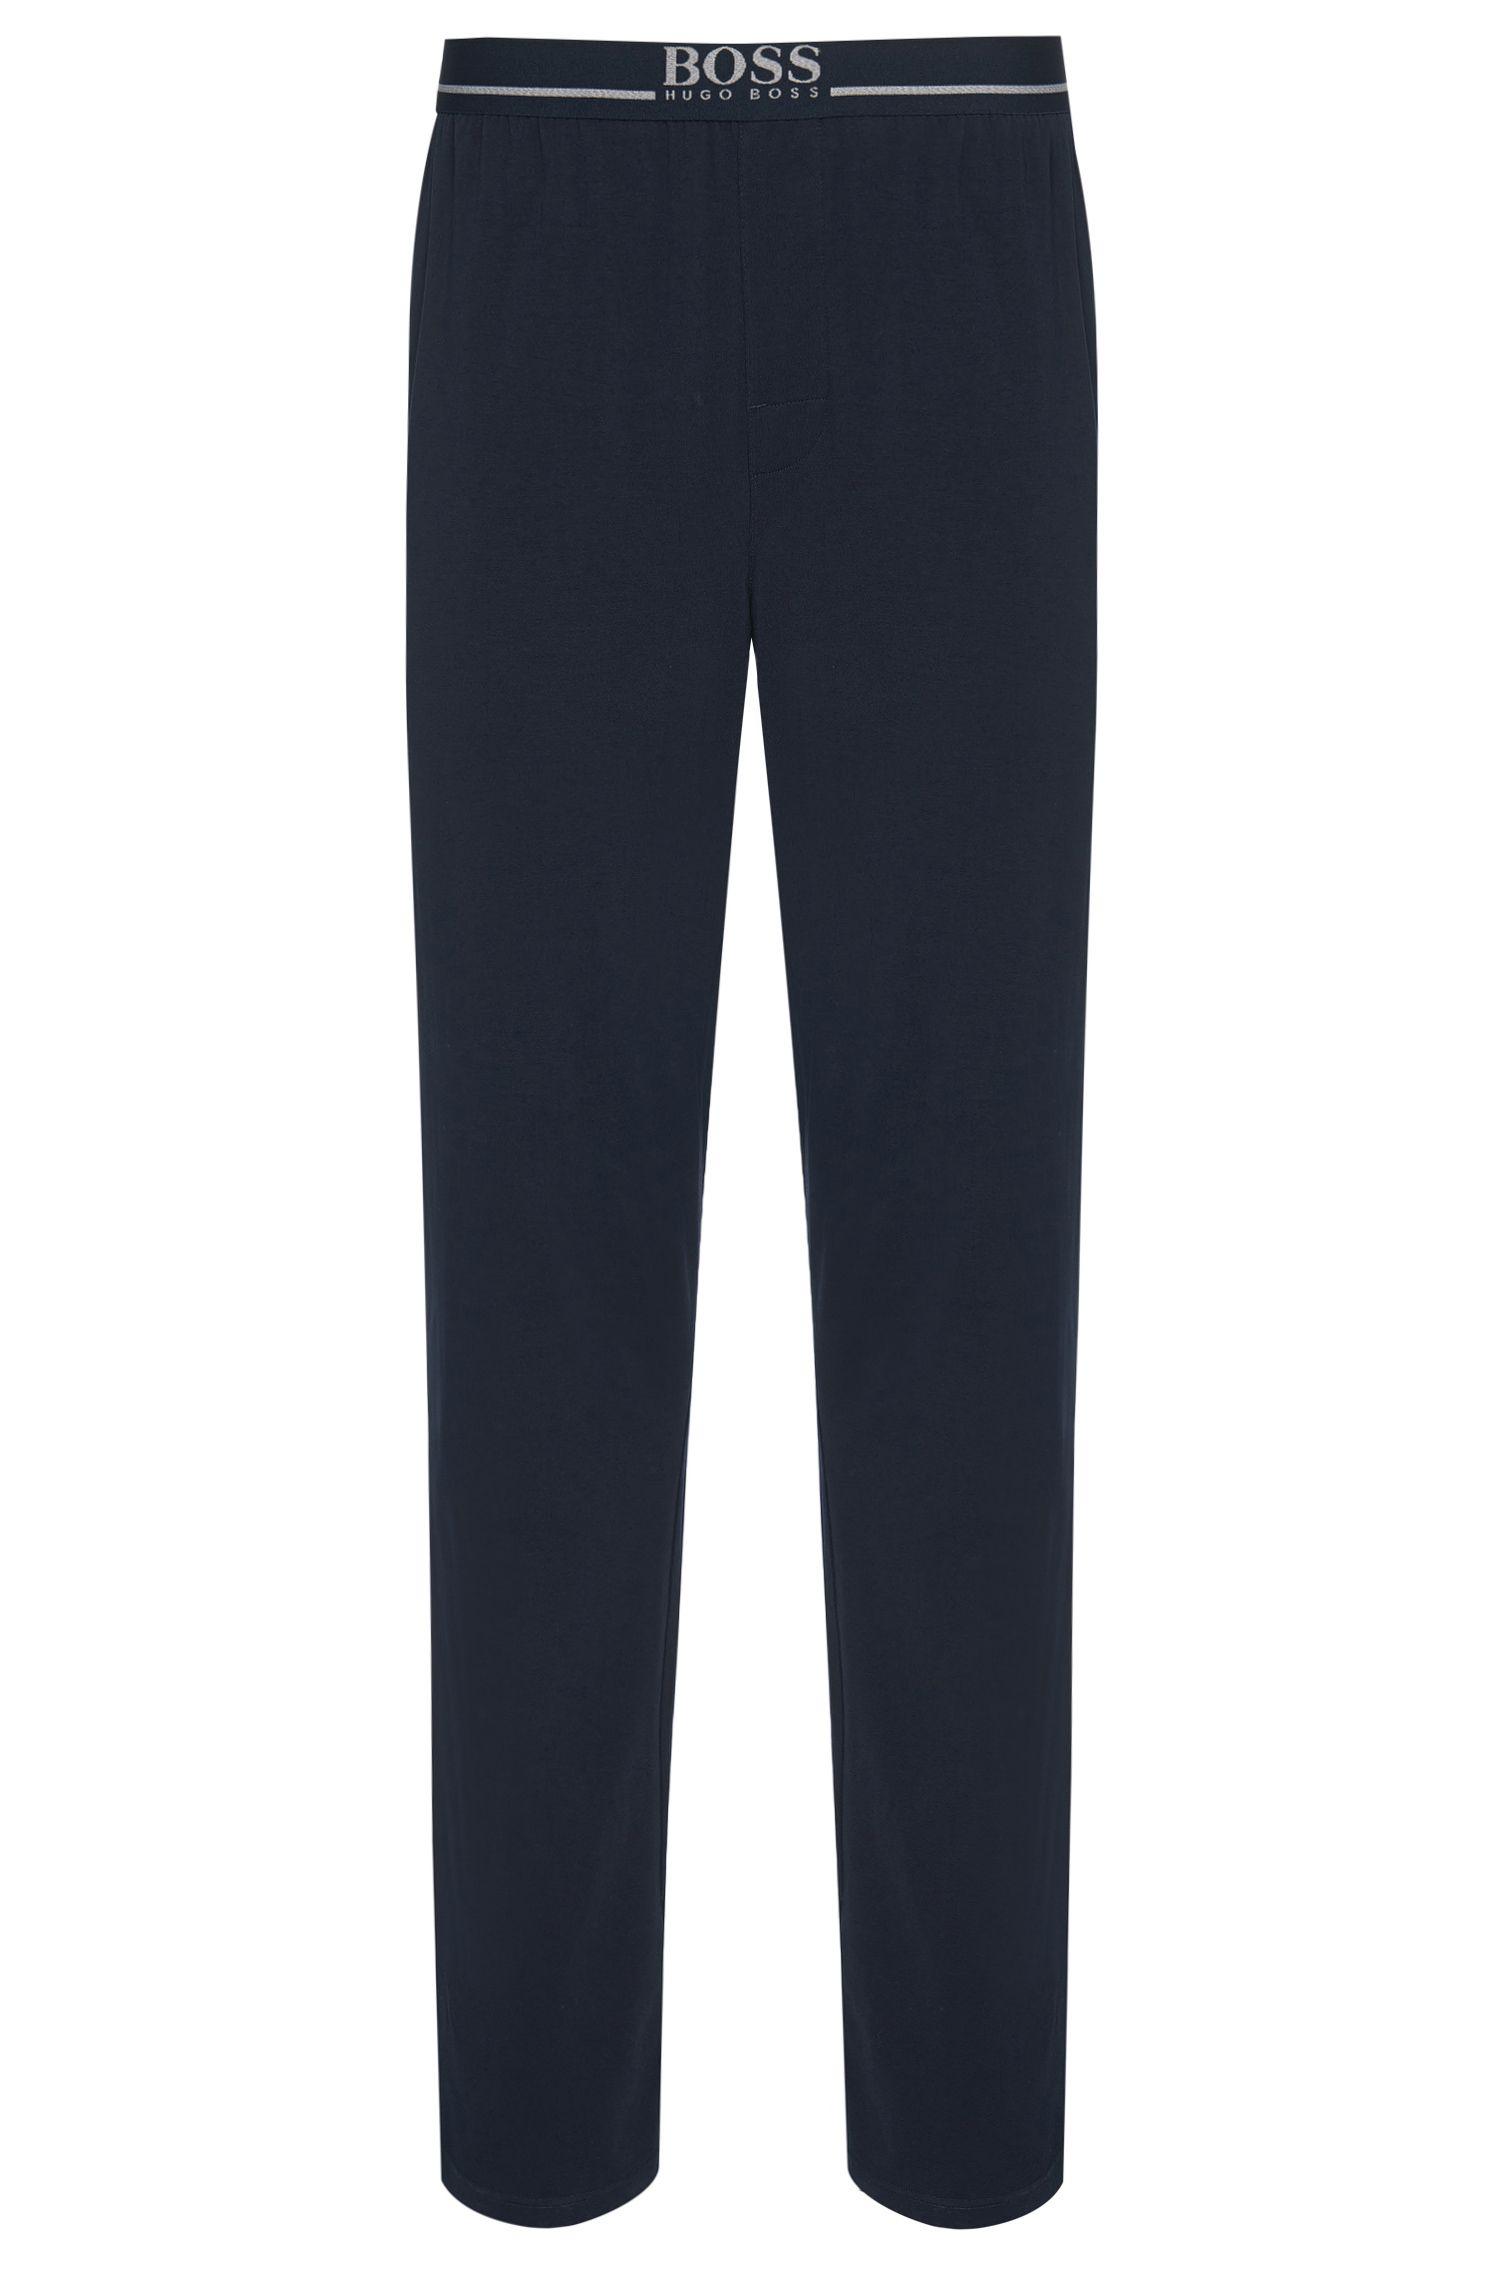 Jogging-Hose aus elastischem Baumwoll-Jersey